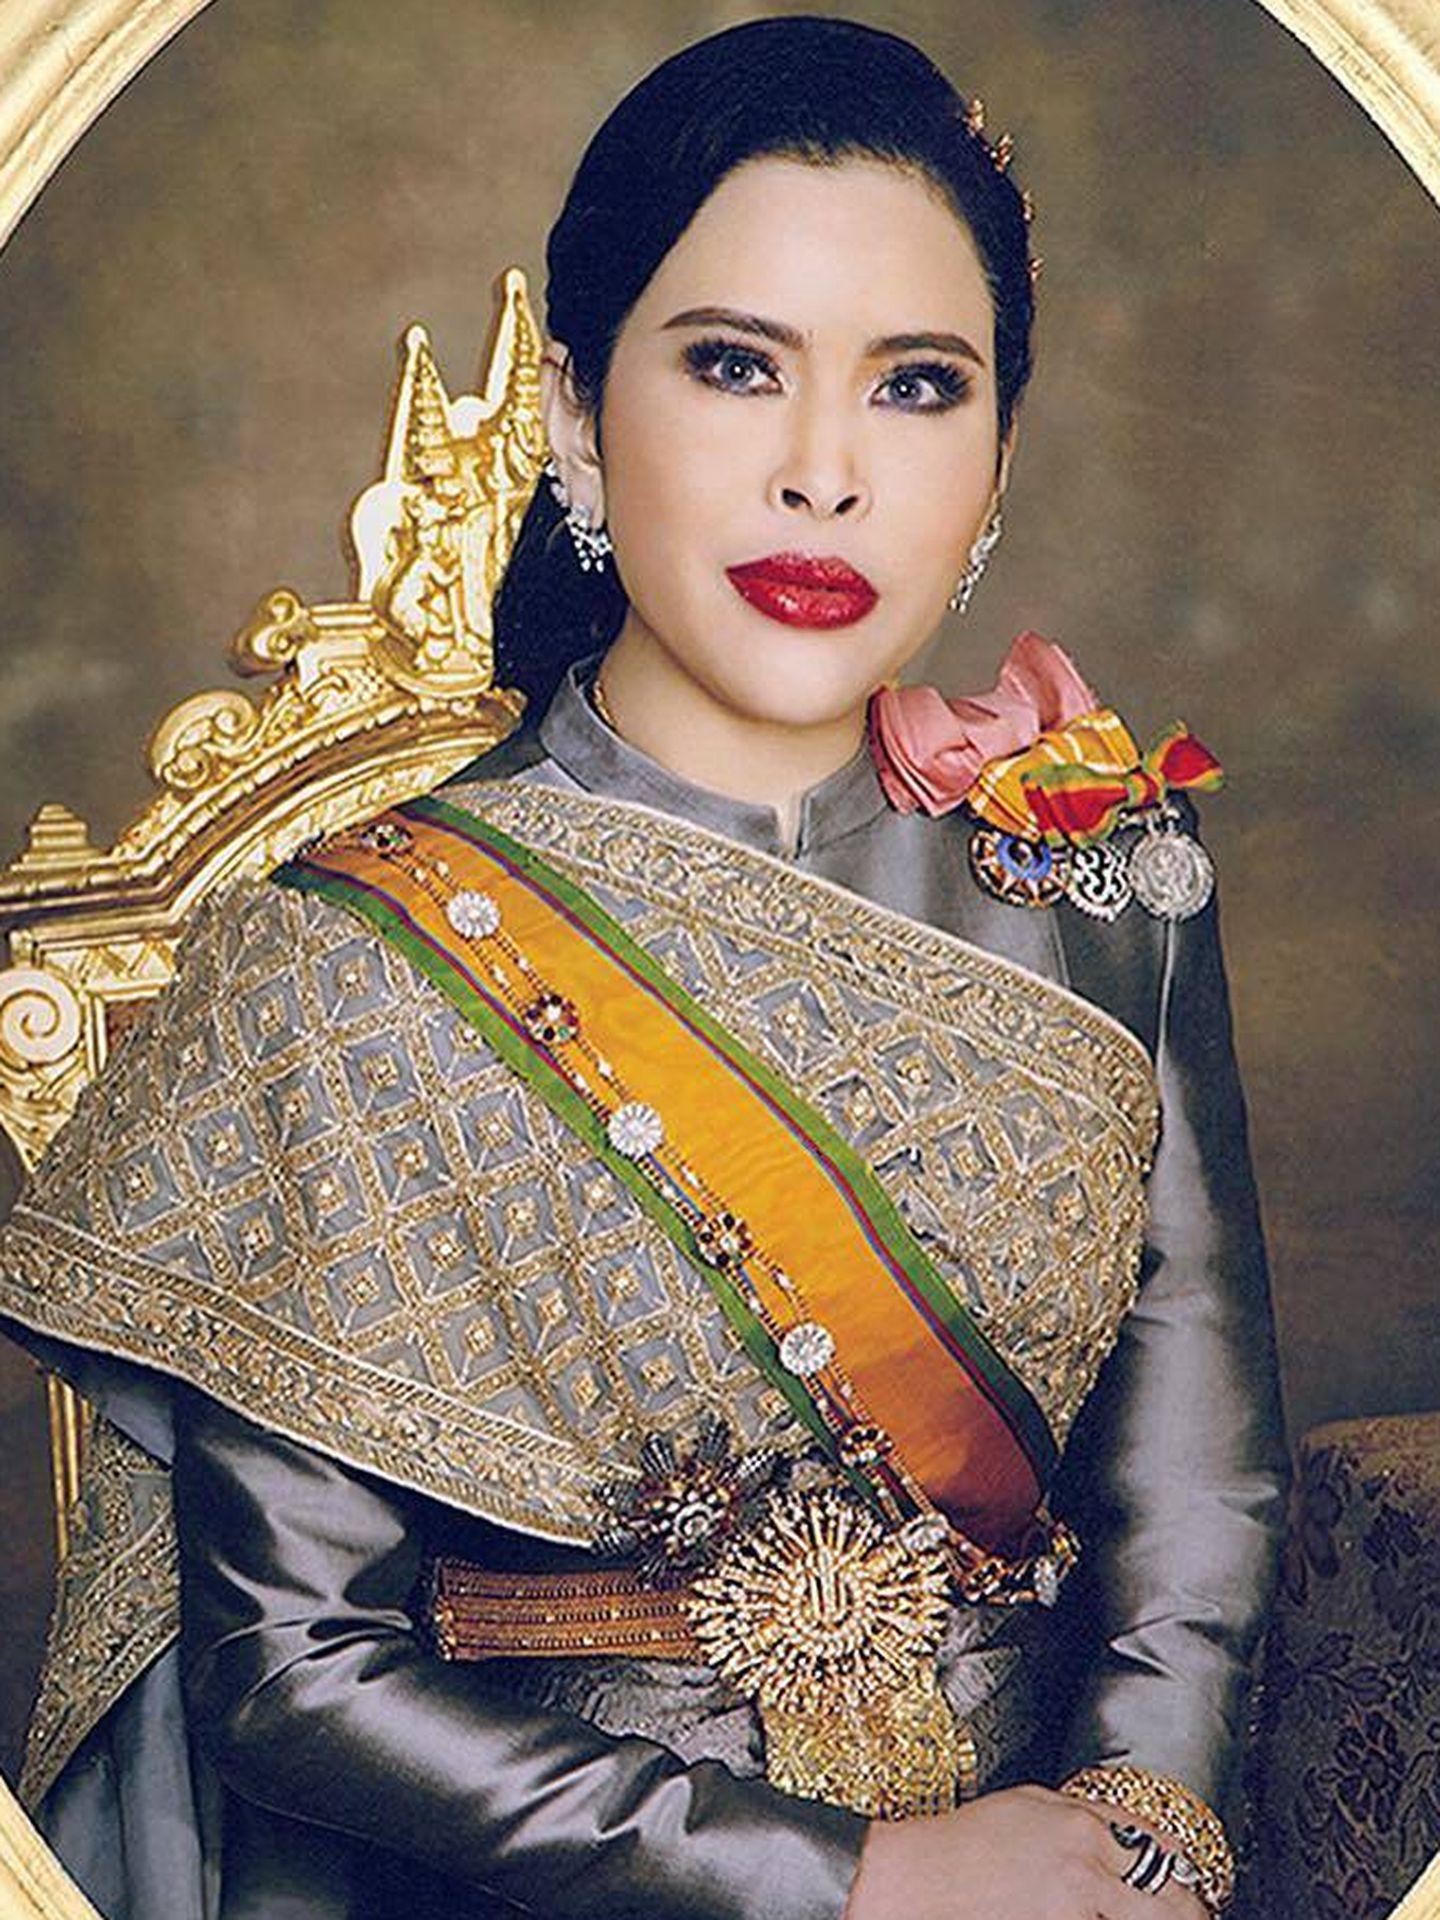 Retrato de la princesa Chulabhorn de Tailandia. (IG thairoyalfamily)